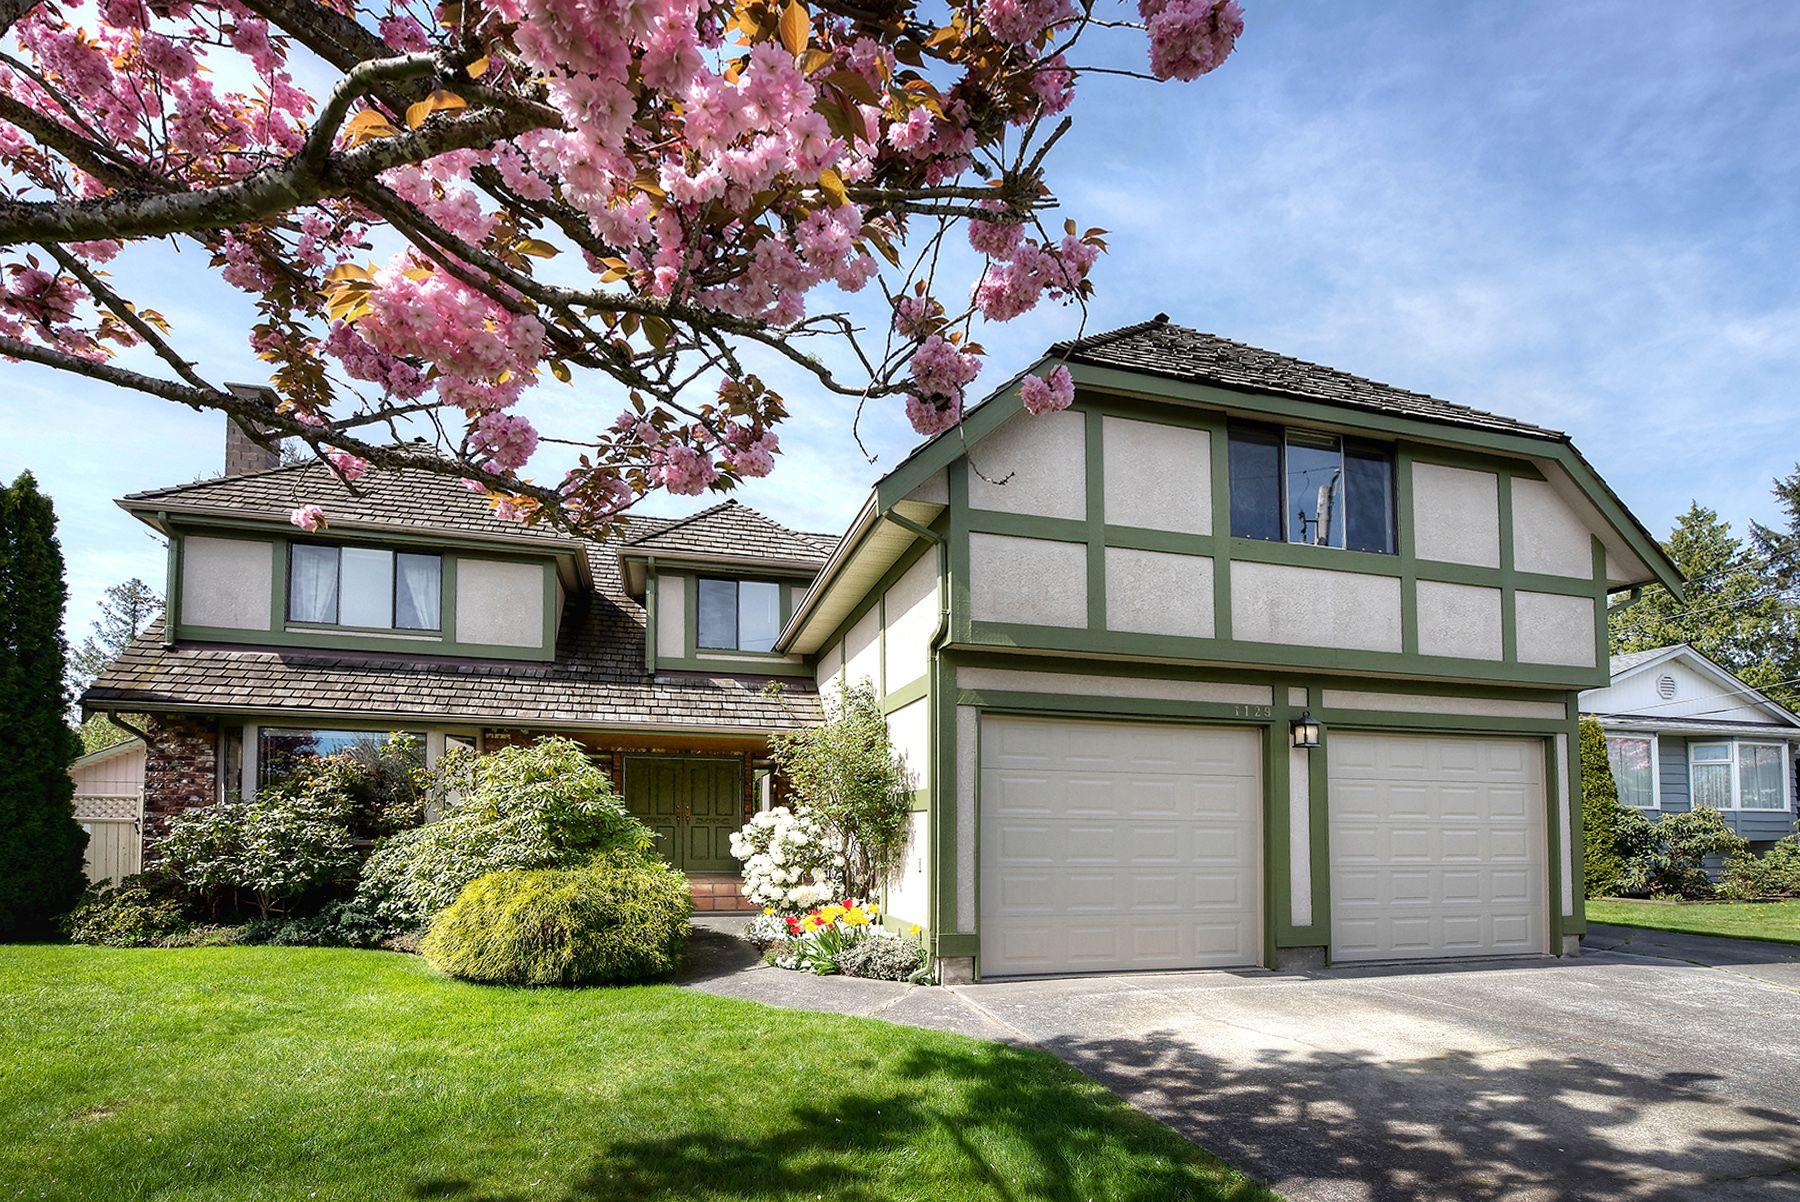 Main Photo: 1129 52A Street in Delta: Tsawwassen Central House for sale (Tsawwassen)  : MLS®# R2251022